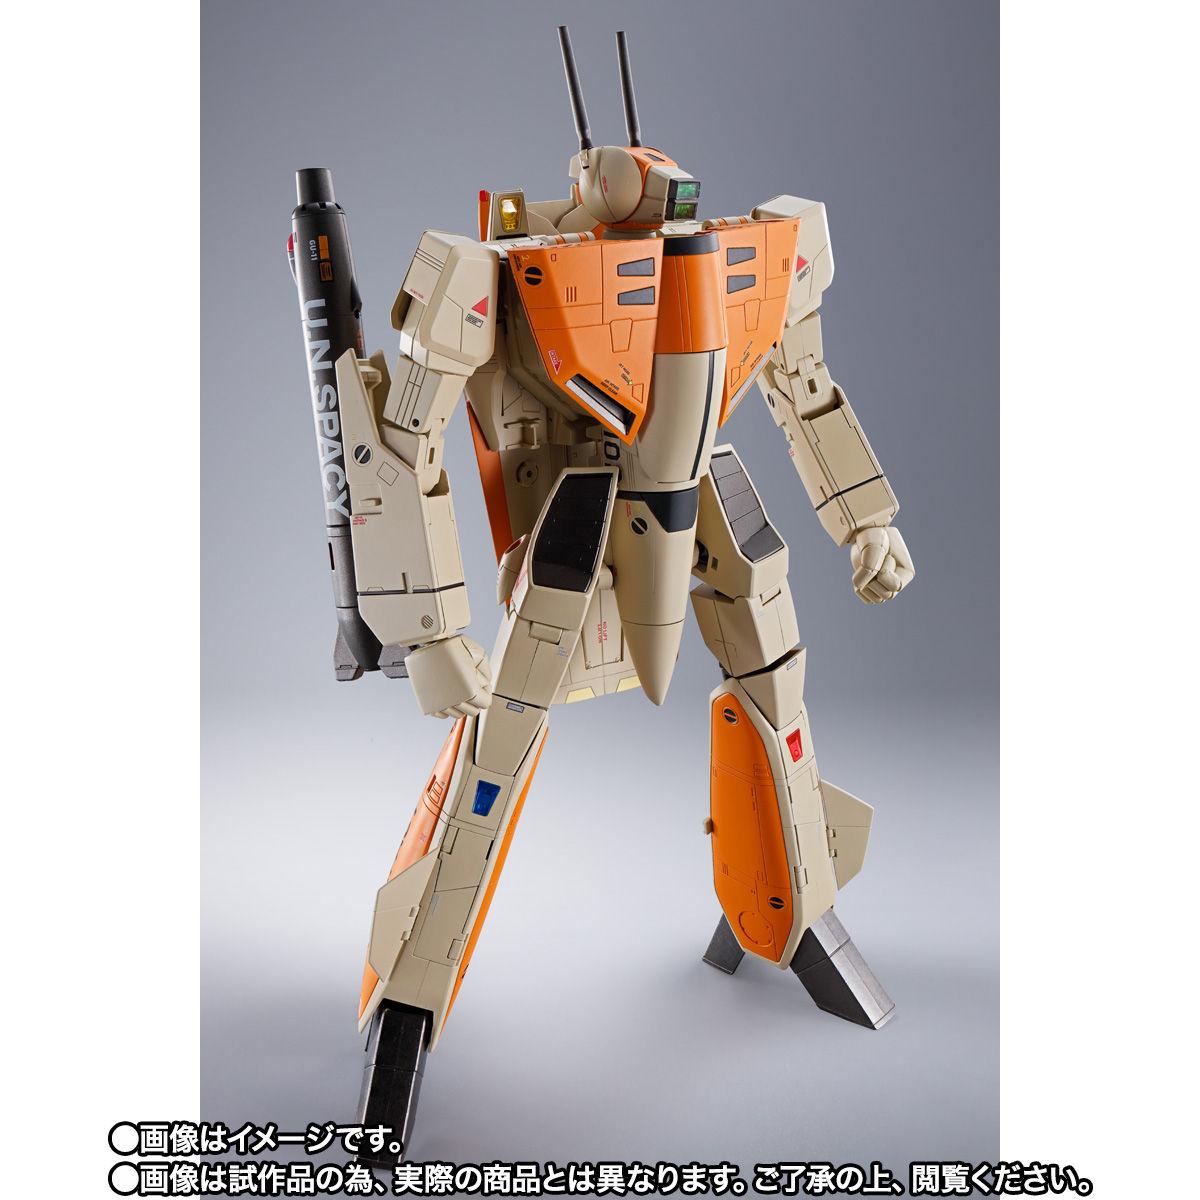 【限定販売】DX超合金『VF-1D バルキリー&ファン・レーサー』超時空要塞マクロス 可変可動フィギュア-004